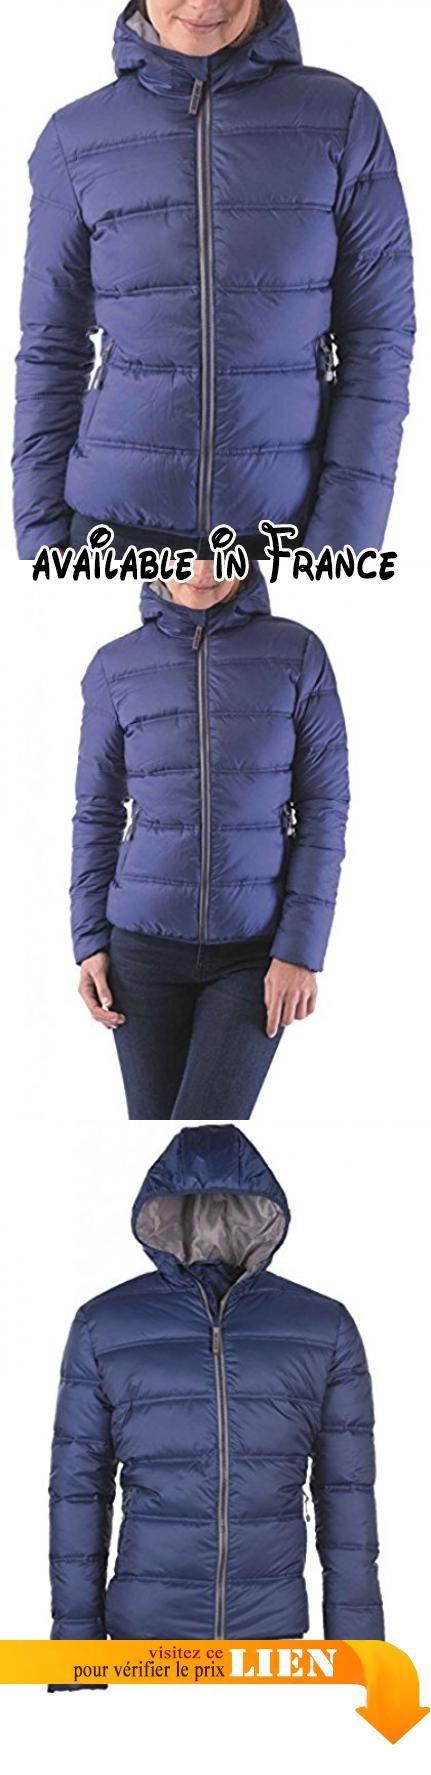 B073VJV8R2 : Fashion cuir - Blouson doudoune capuche Couleur - bleu foncé Taille Femme - 38.